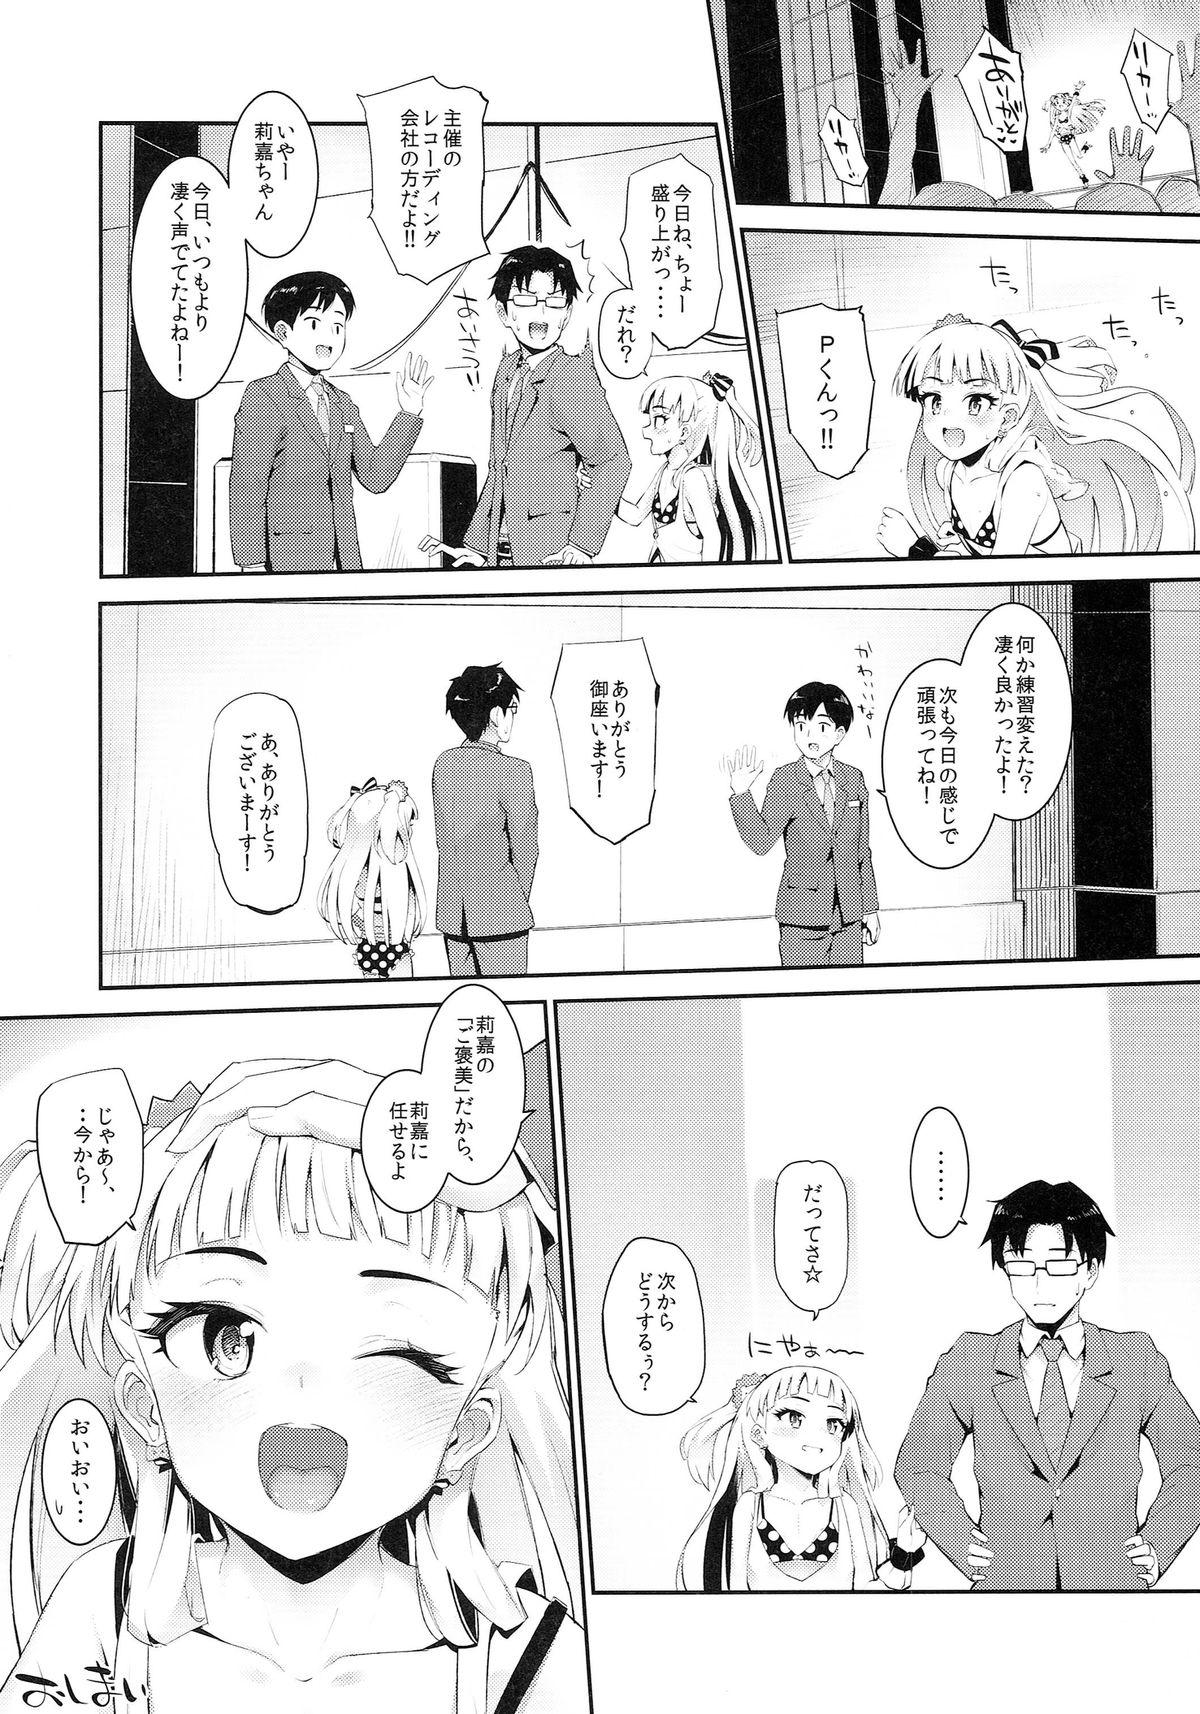 Nee, P-kun! Atashi ga Gohoubi agechaune☆ 18